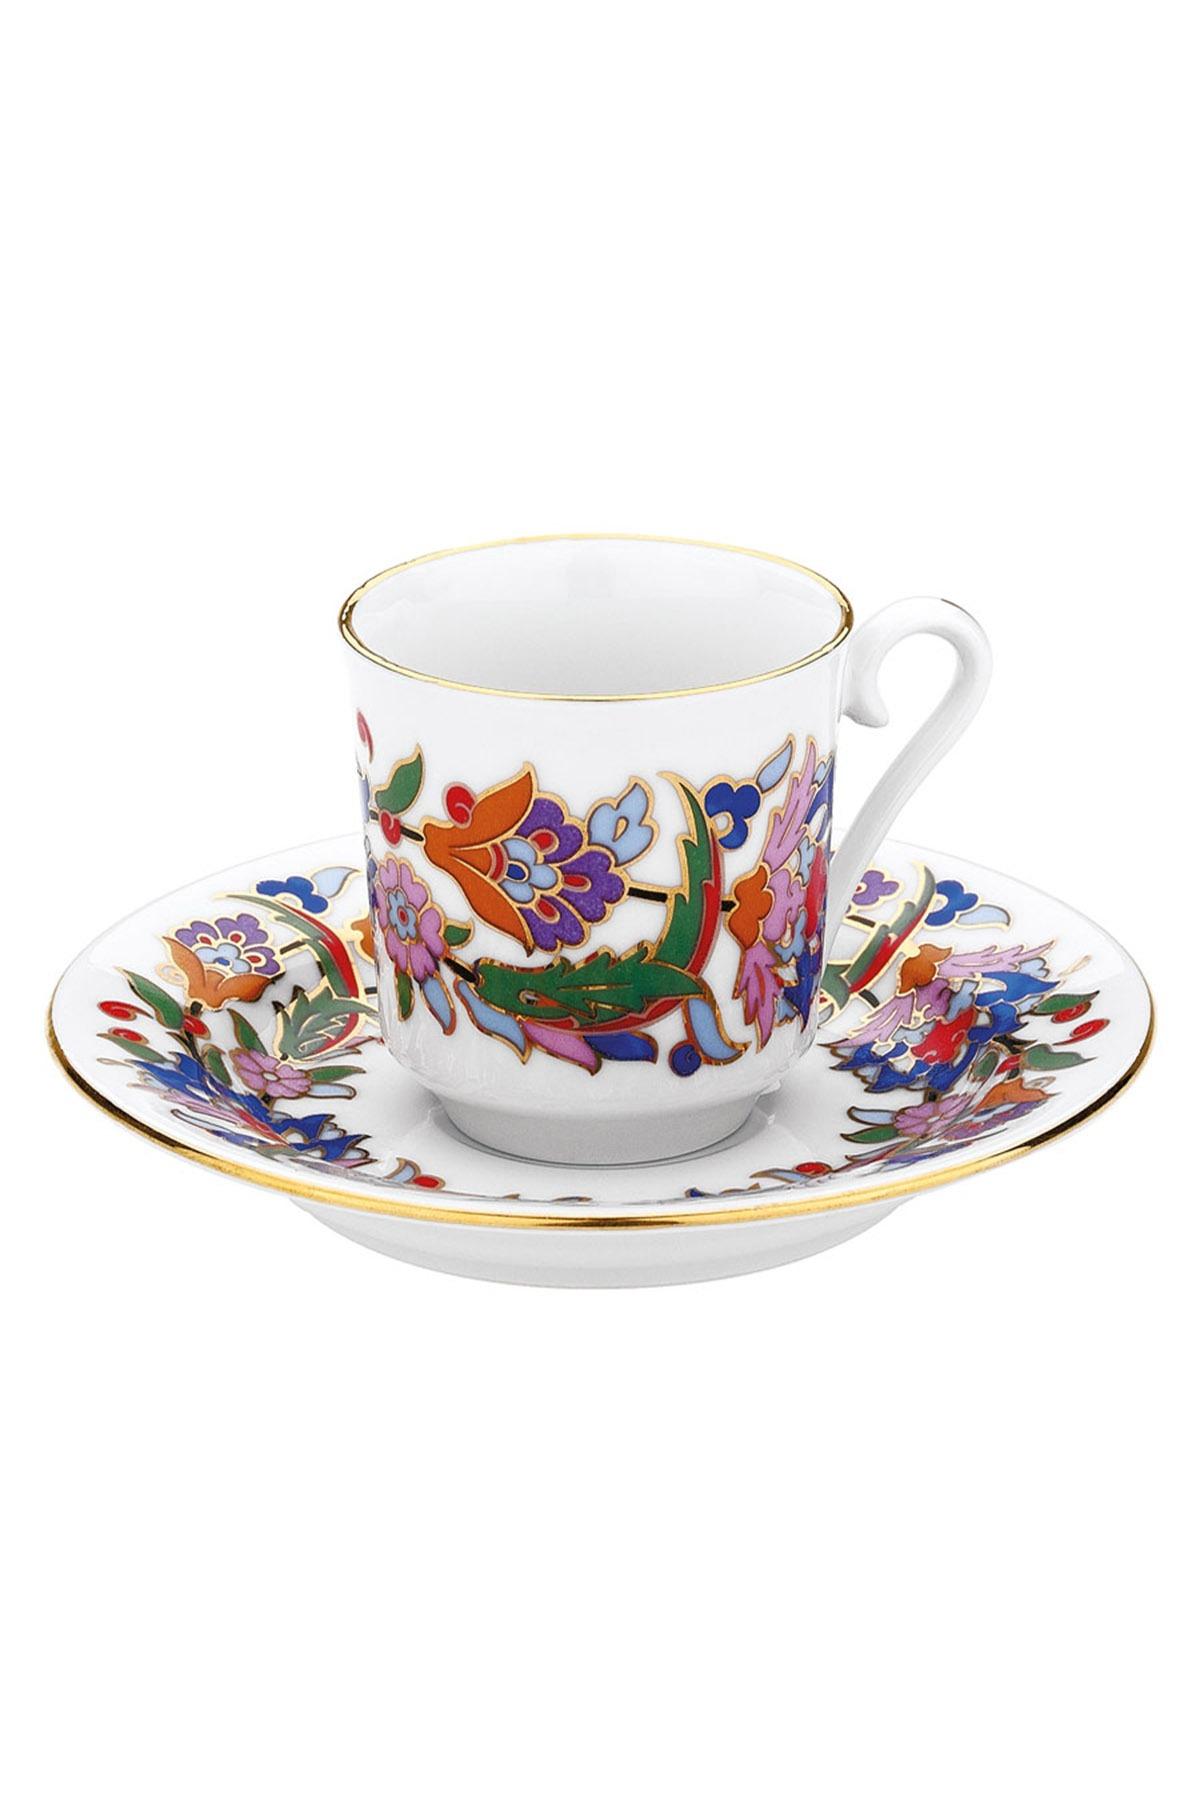 KÜTAHYA PORSELEN - Kütahya Porselen 457 Desen Kahve Fincan Takımı